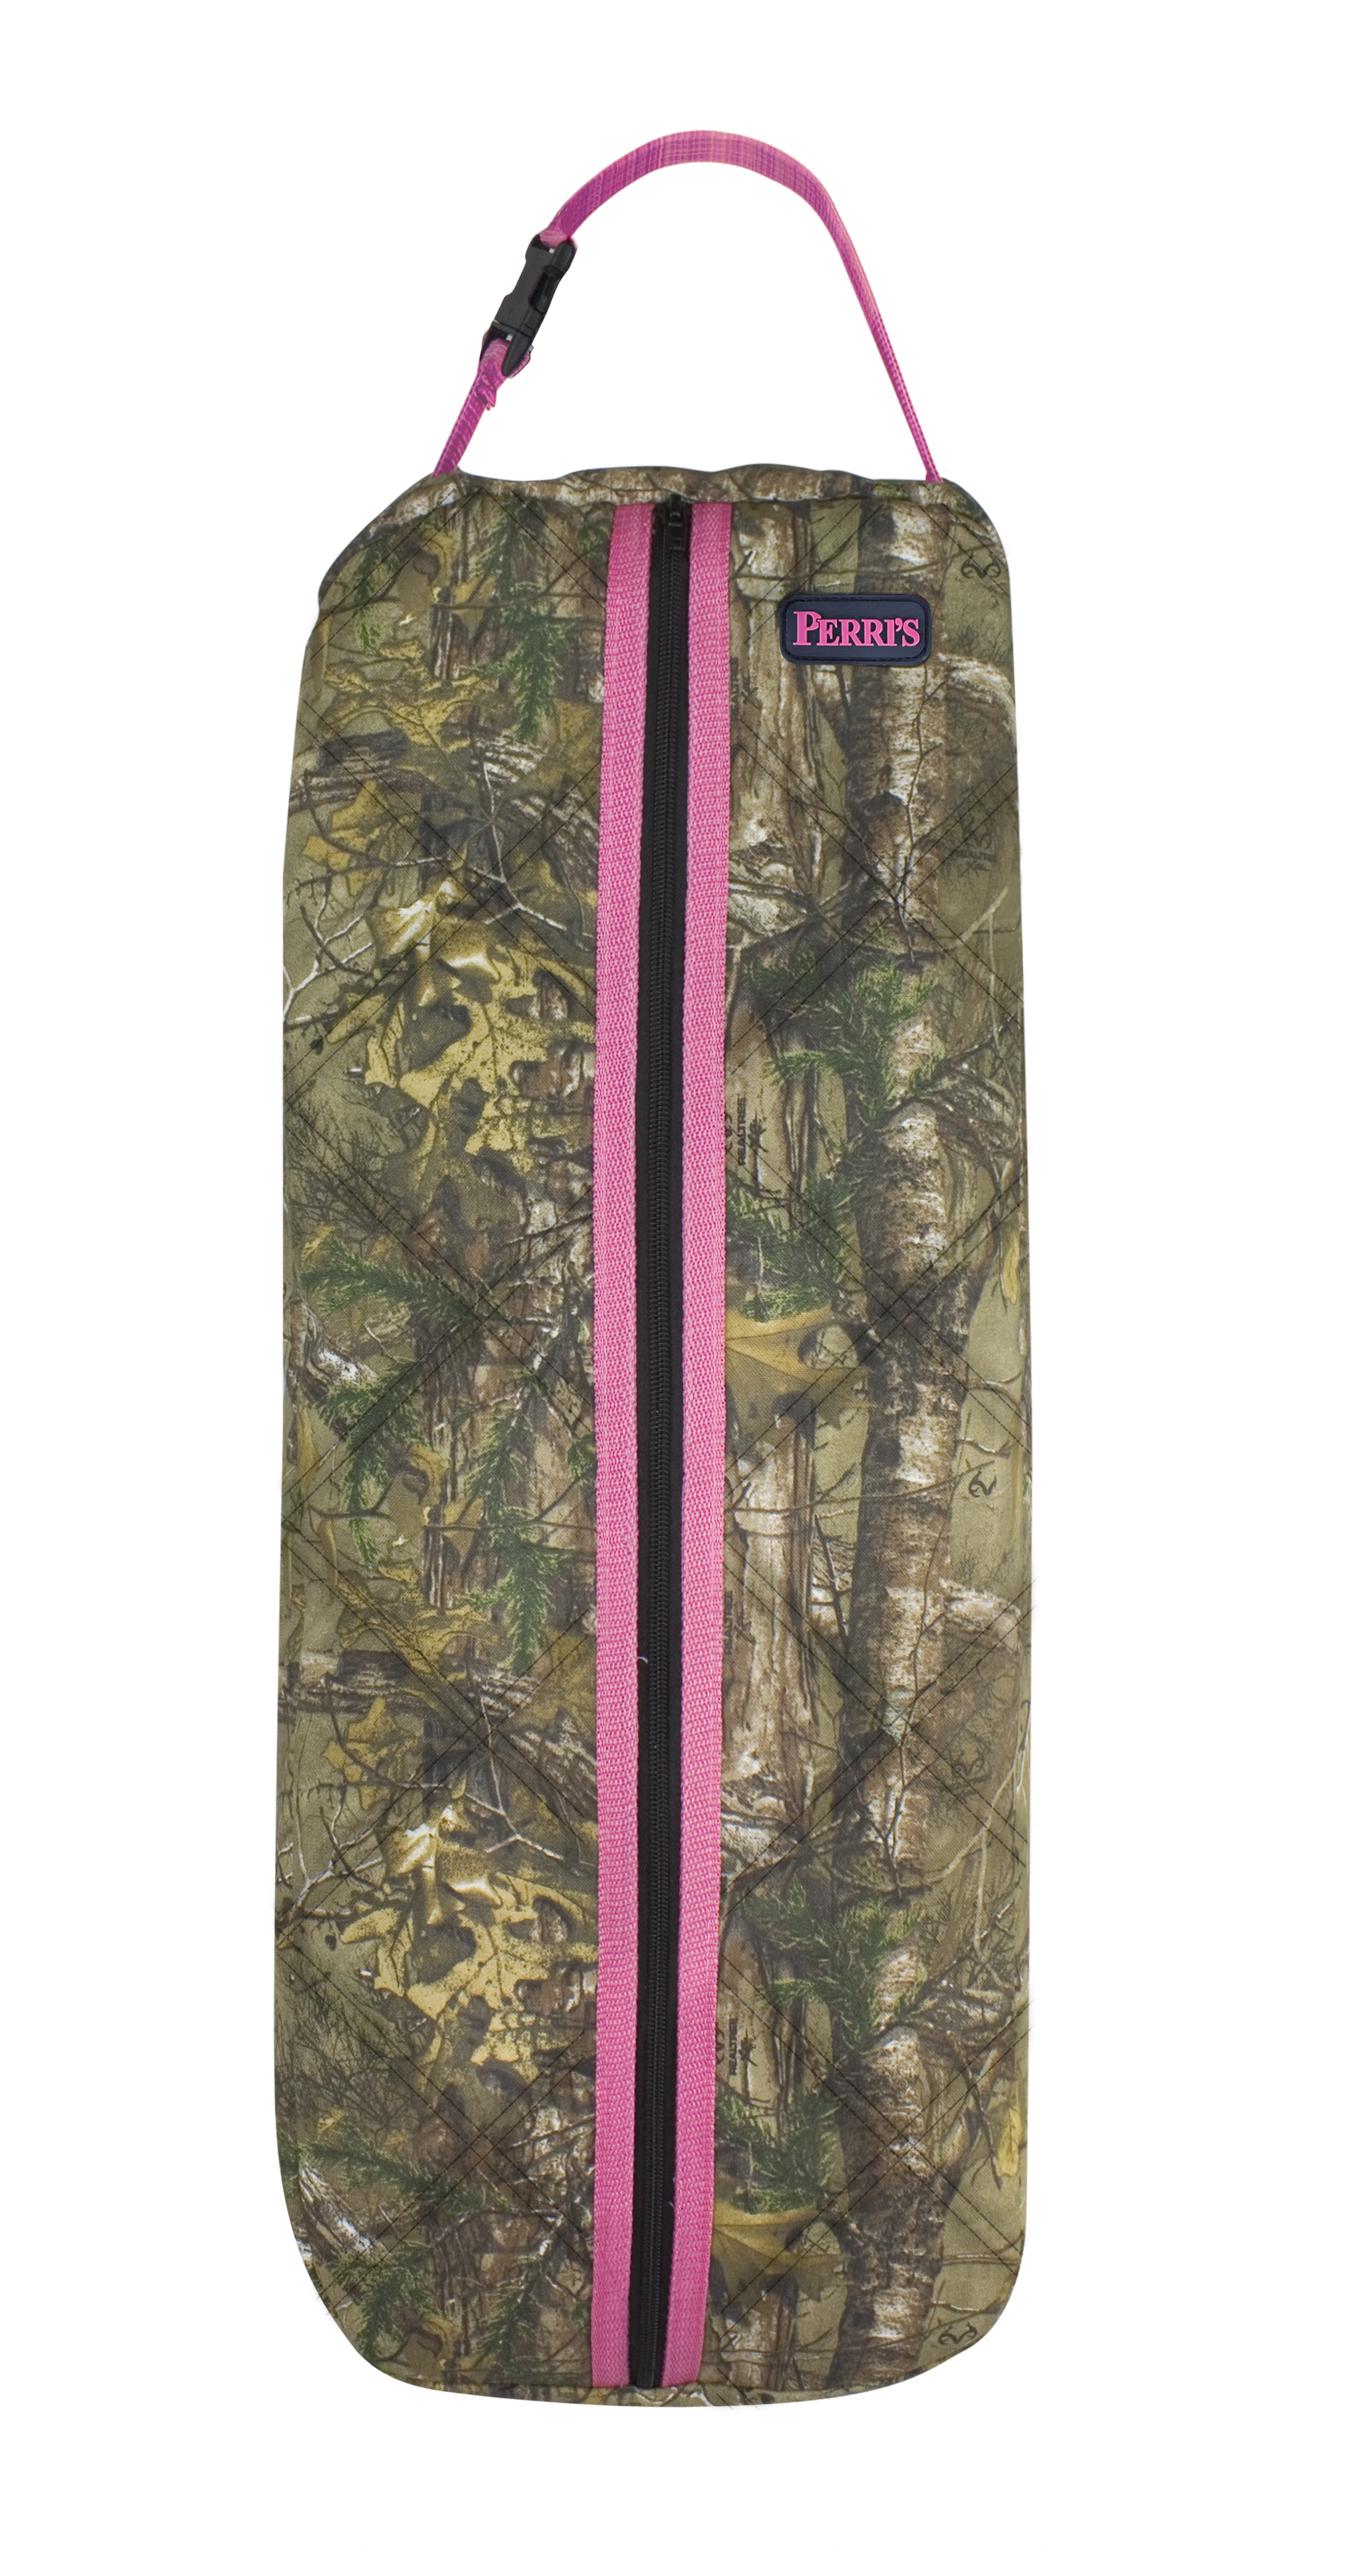 Real Tree Premium Bridle Bag